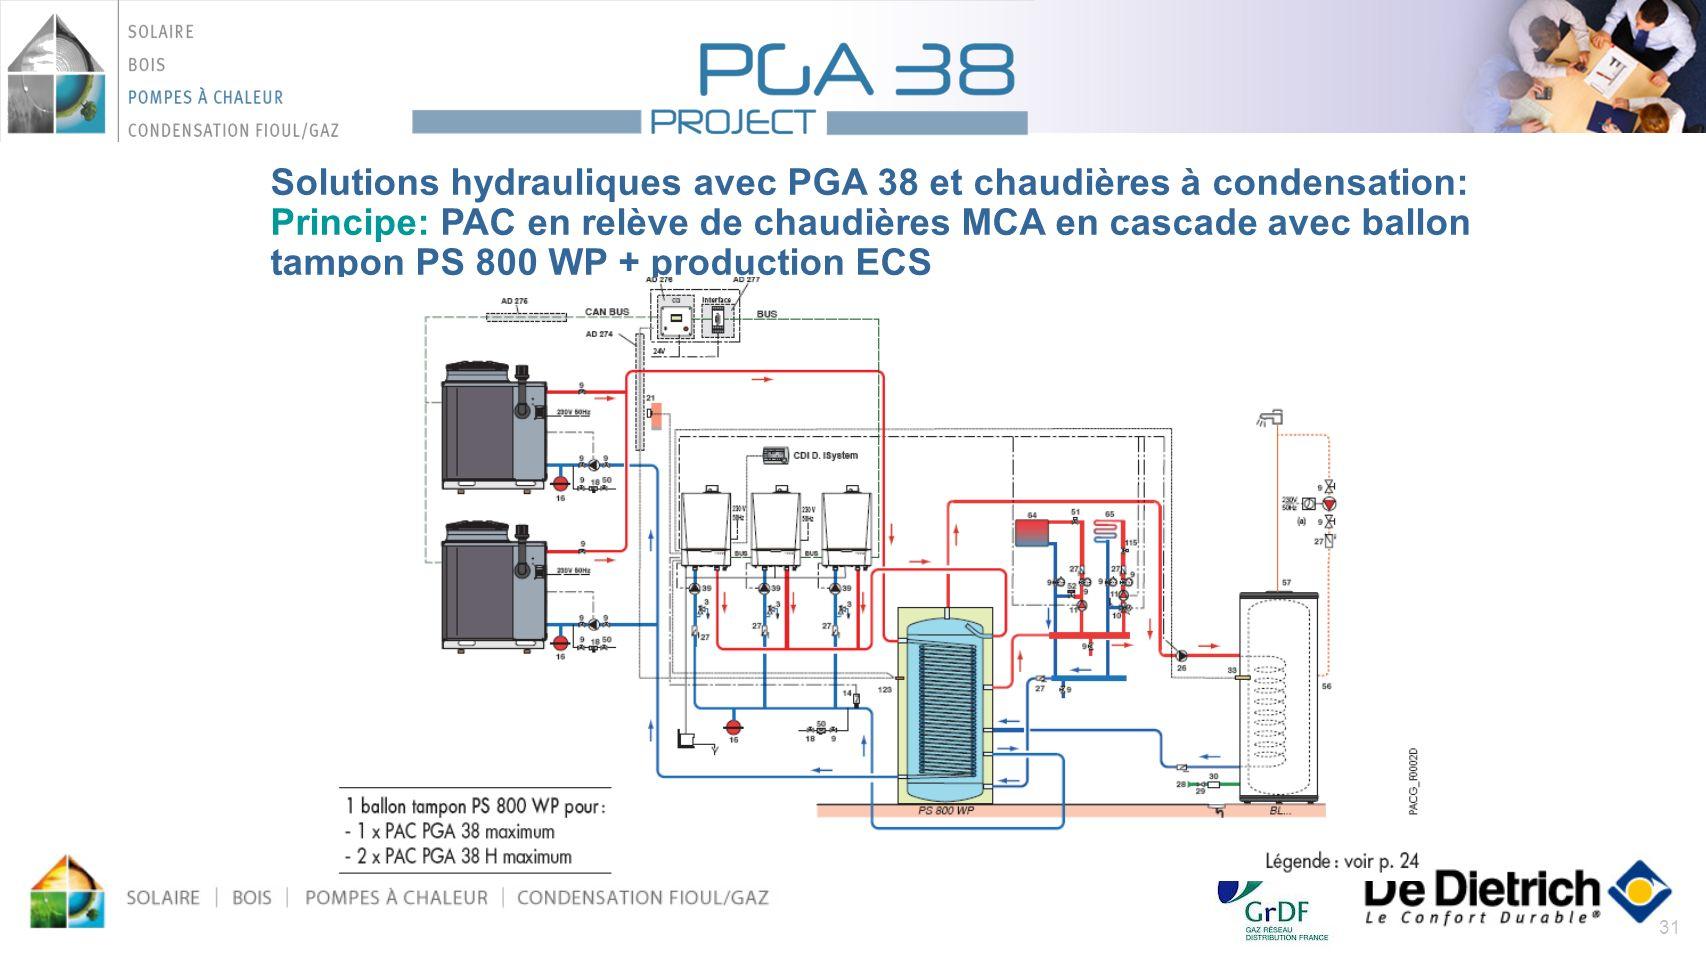 31 Solutions hydrauliques avec PGA 38 et chaudières à condensation: Principe: PAC en relève de chaudières MCA en cascade avec ballon tampon PS 800 WP